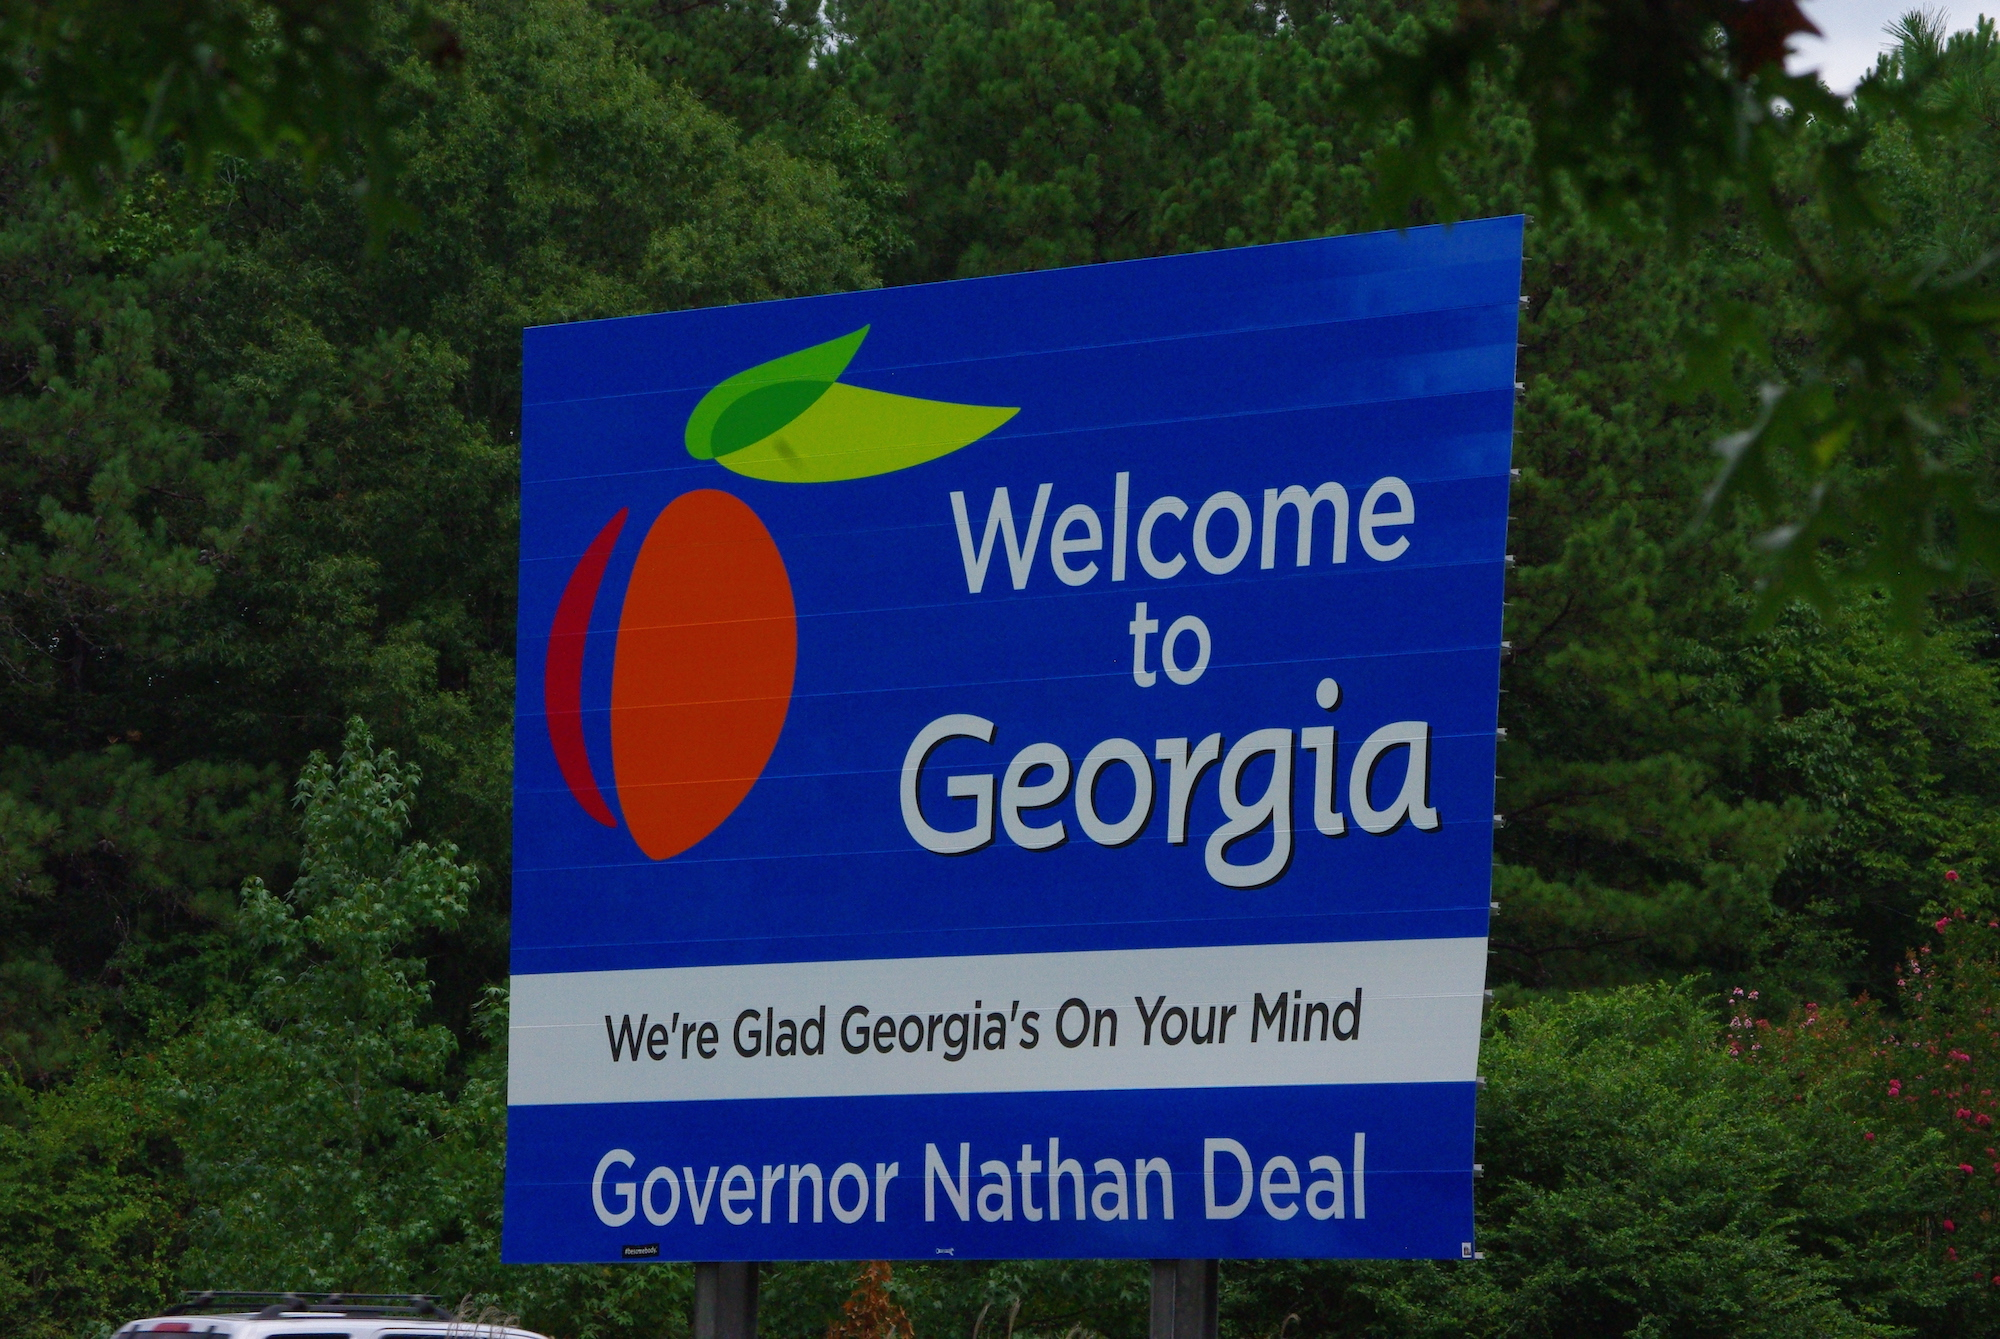 Georgia, l'état des pêches. Le slogan rappelle aussi la chanson de Ray Charles qui avait quand même été banni des lieux avant d'être de nouveau célébré